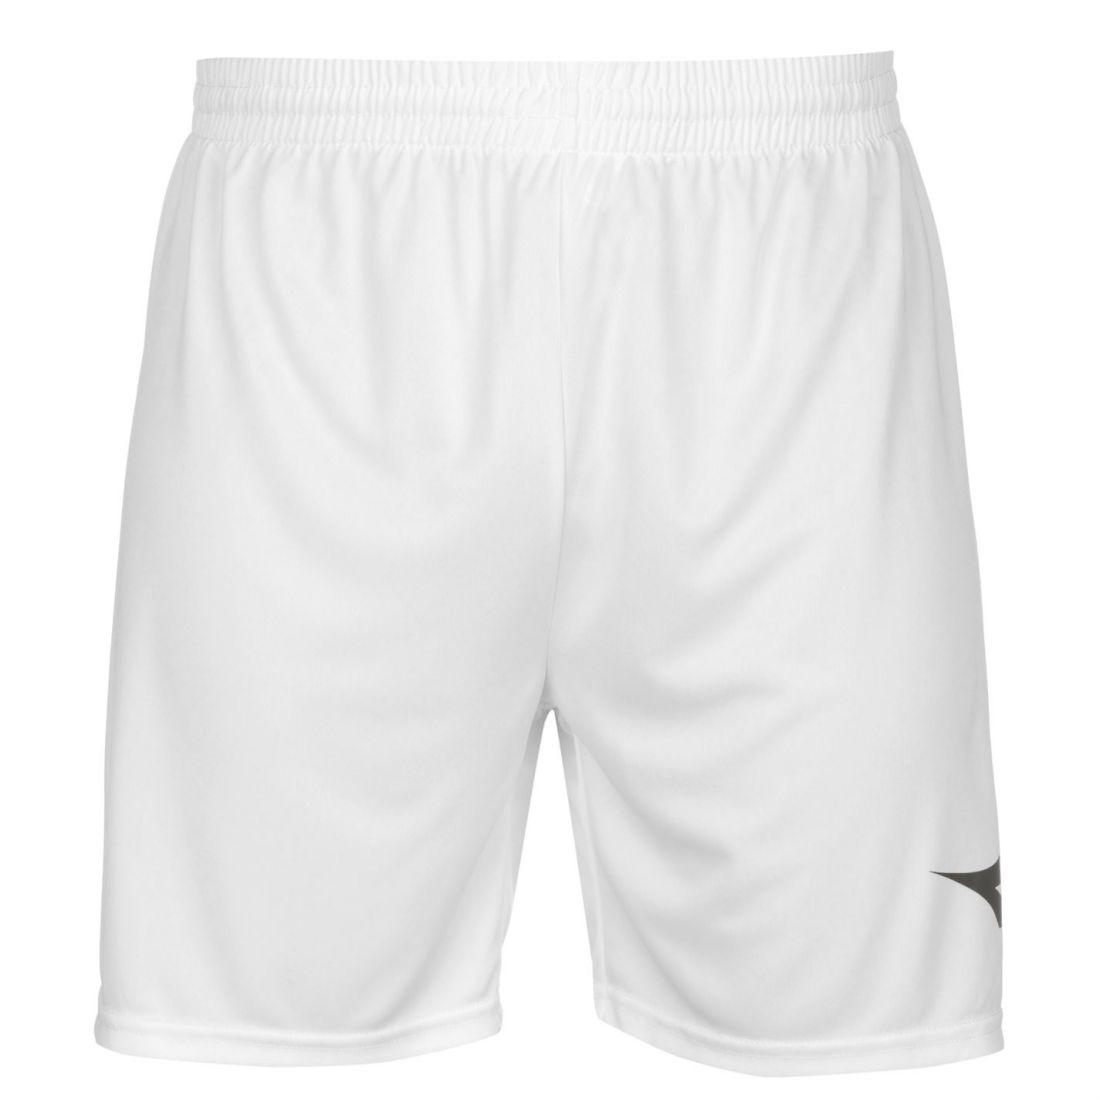 4e6d6485 Details about Diadora Houston Shorts Mens Gents Football Pants Trousers  Bottoms